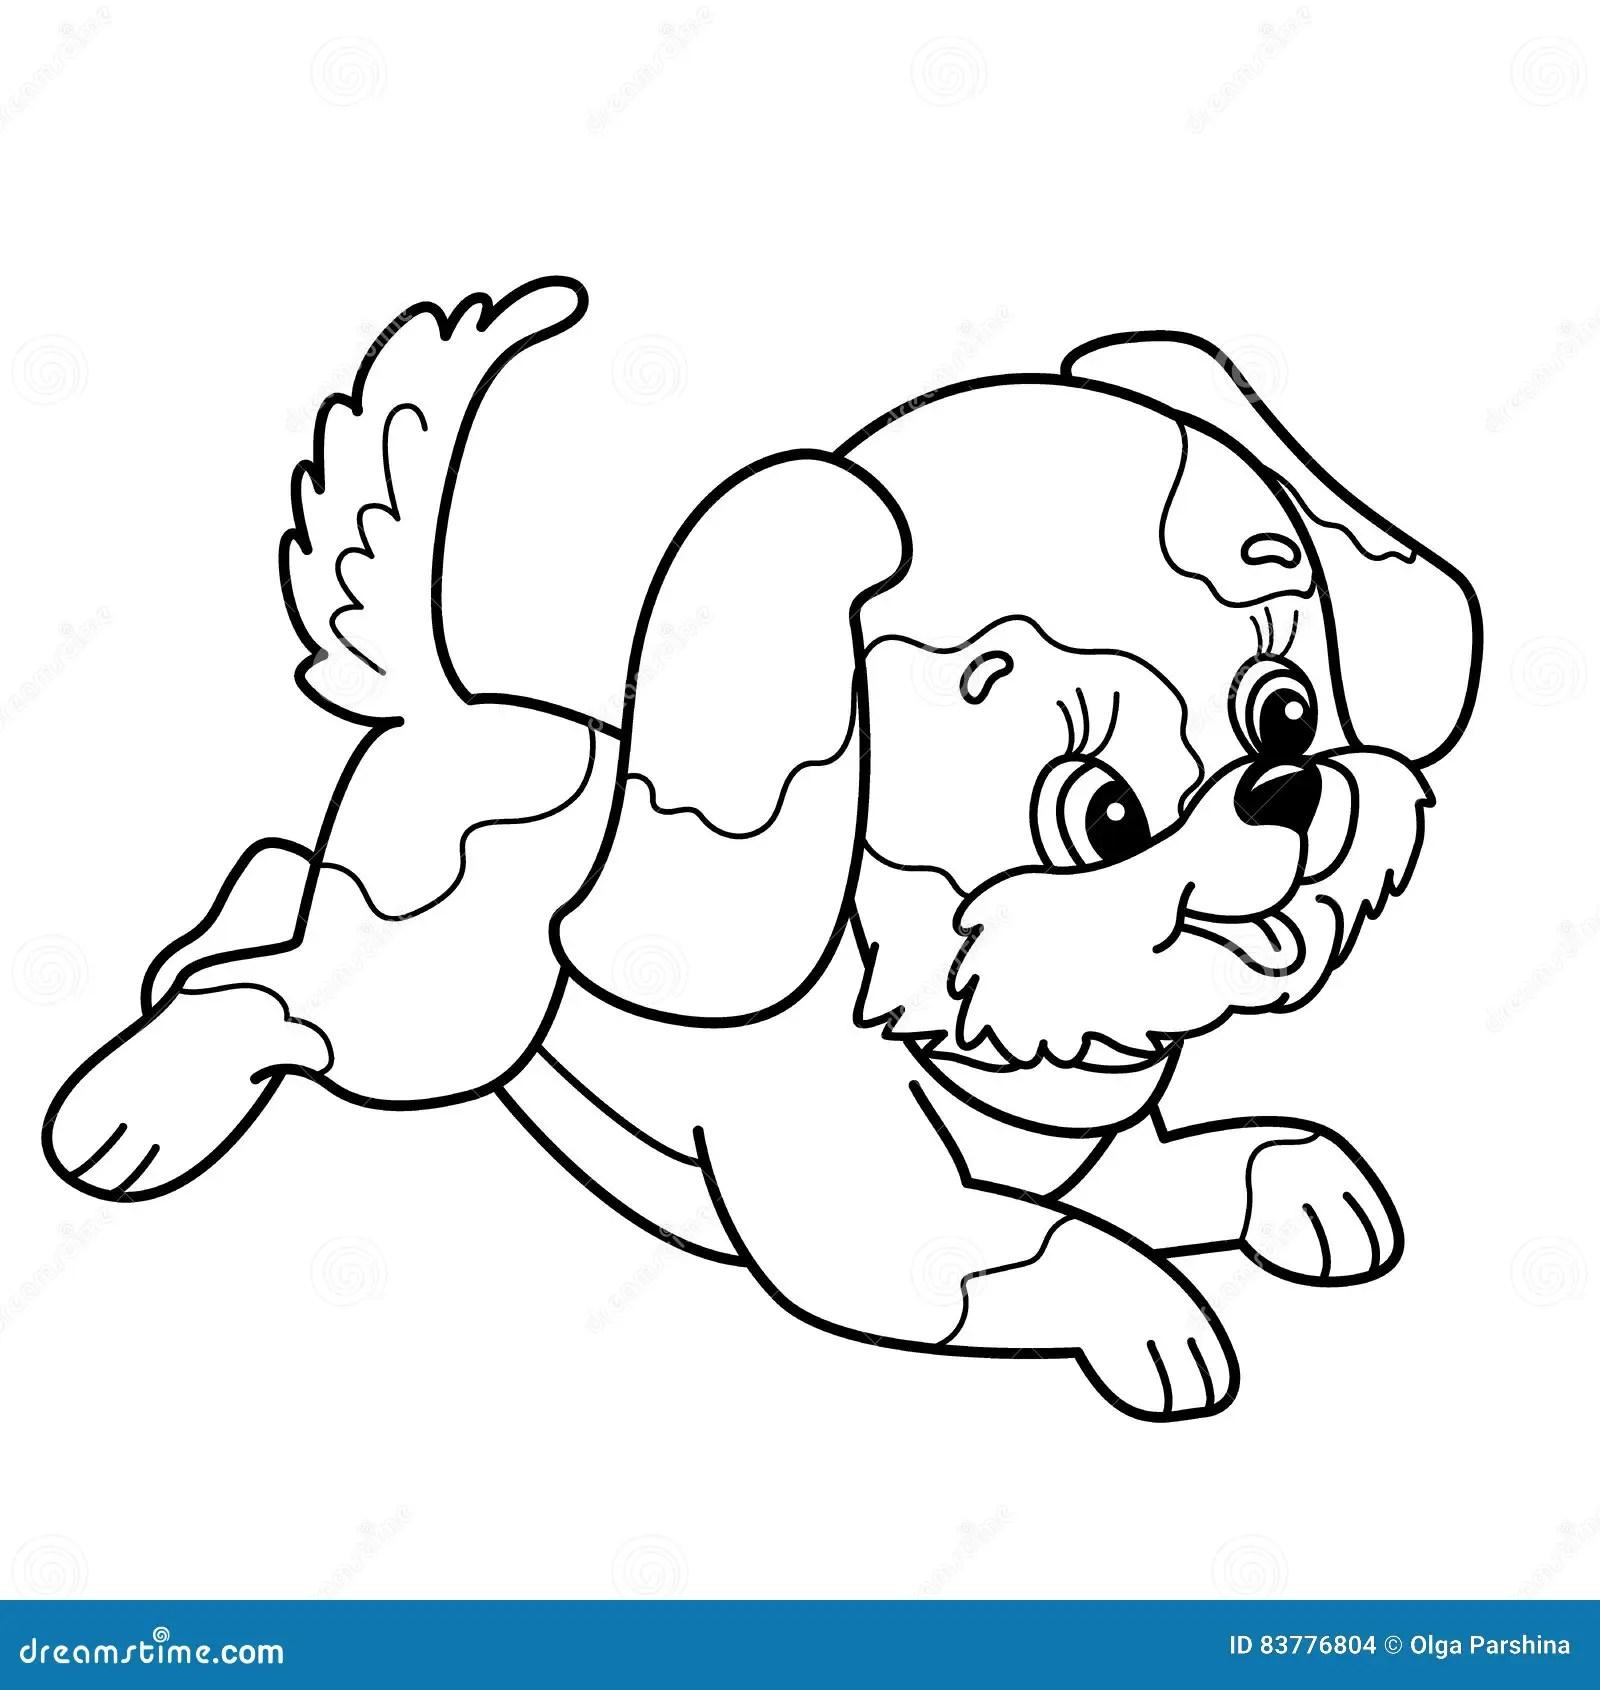 A Cartoon Dog Jumping 3d Illustration Stock Illustration